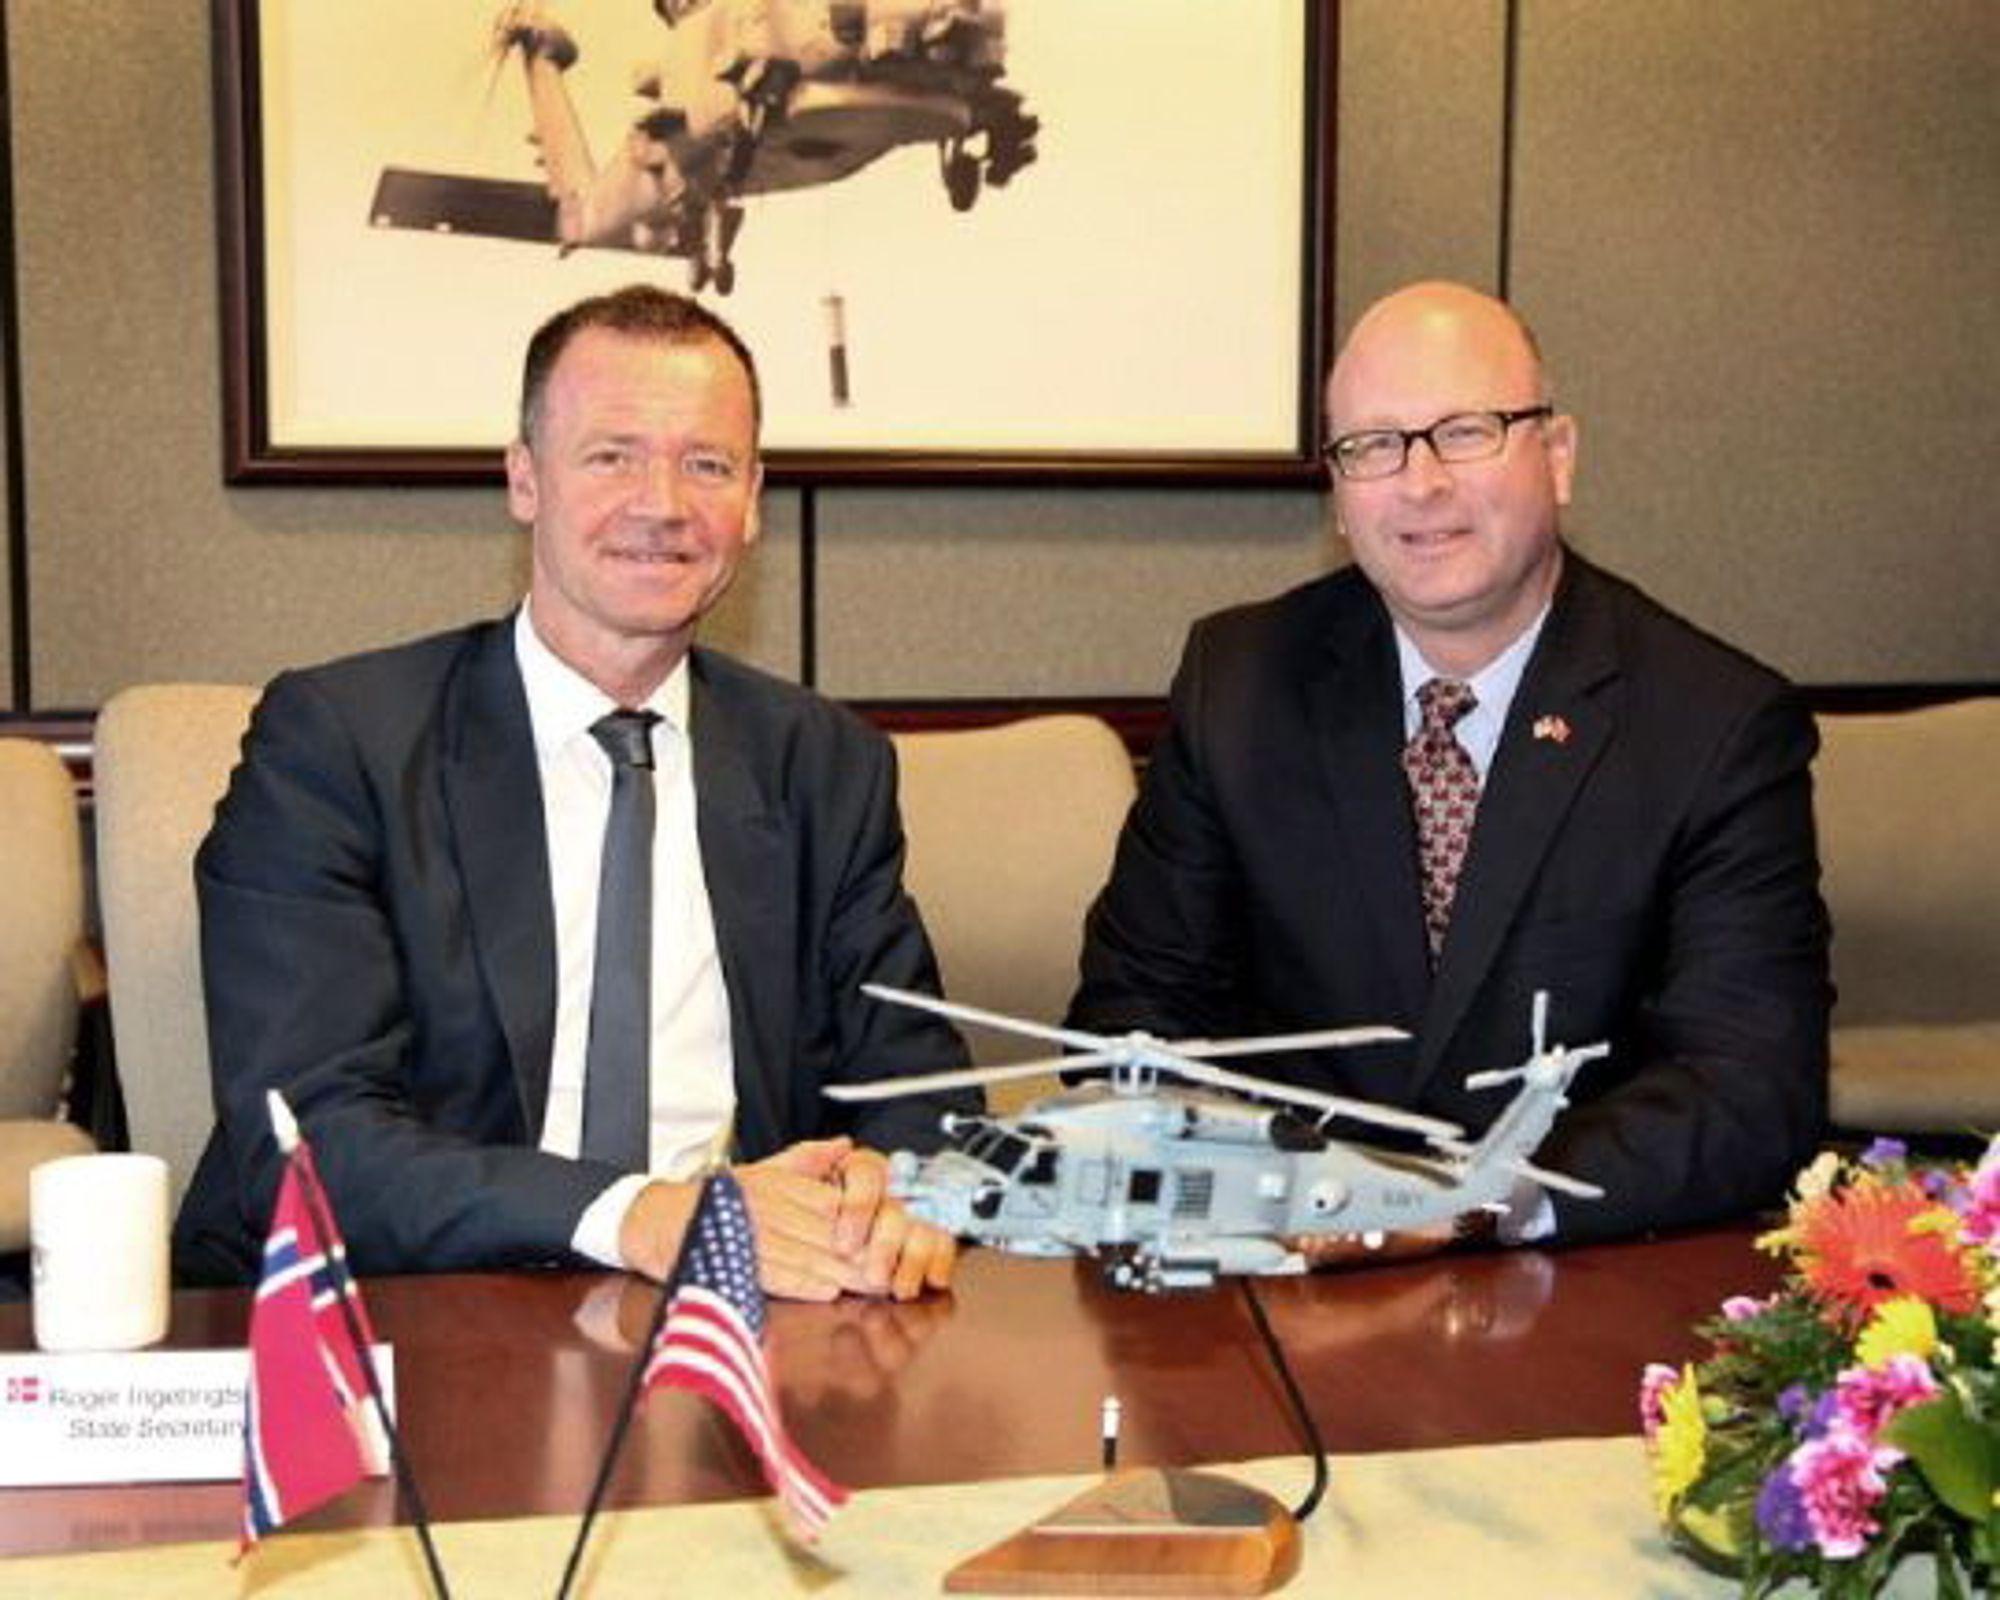 Statssekretær Roger Ingebrigtsen i forsvarsdepartementet sammen med Sikorsky-direktør Mick Maurer.